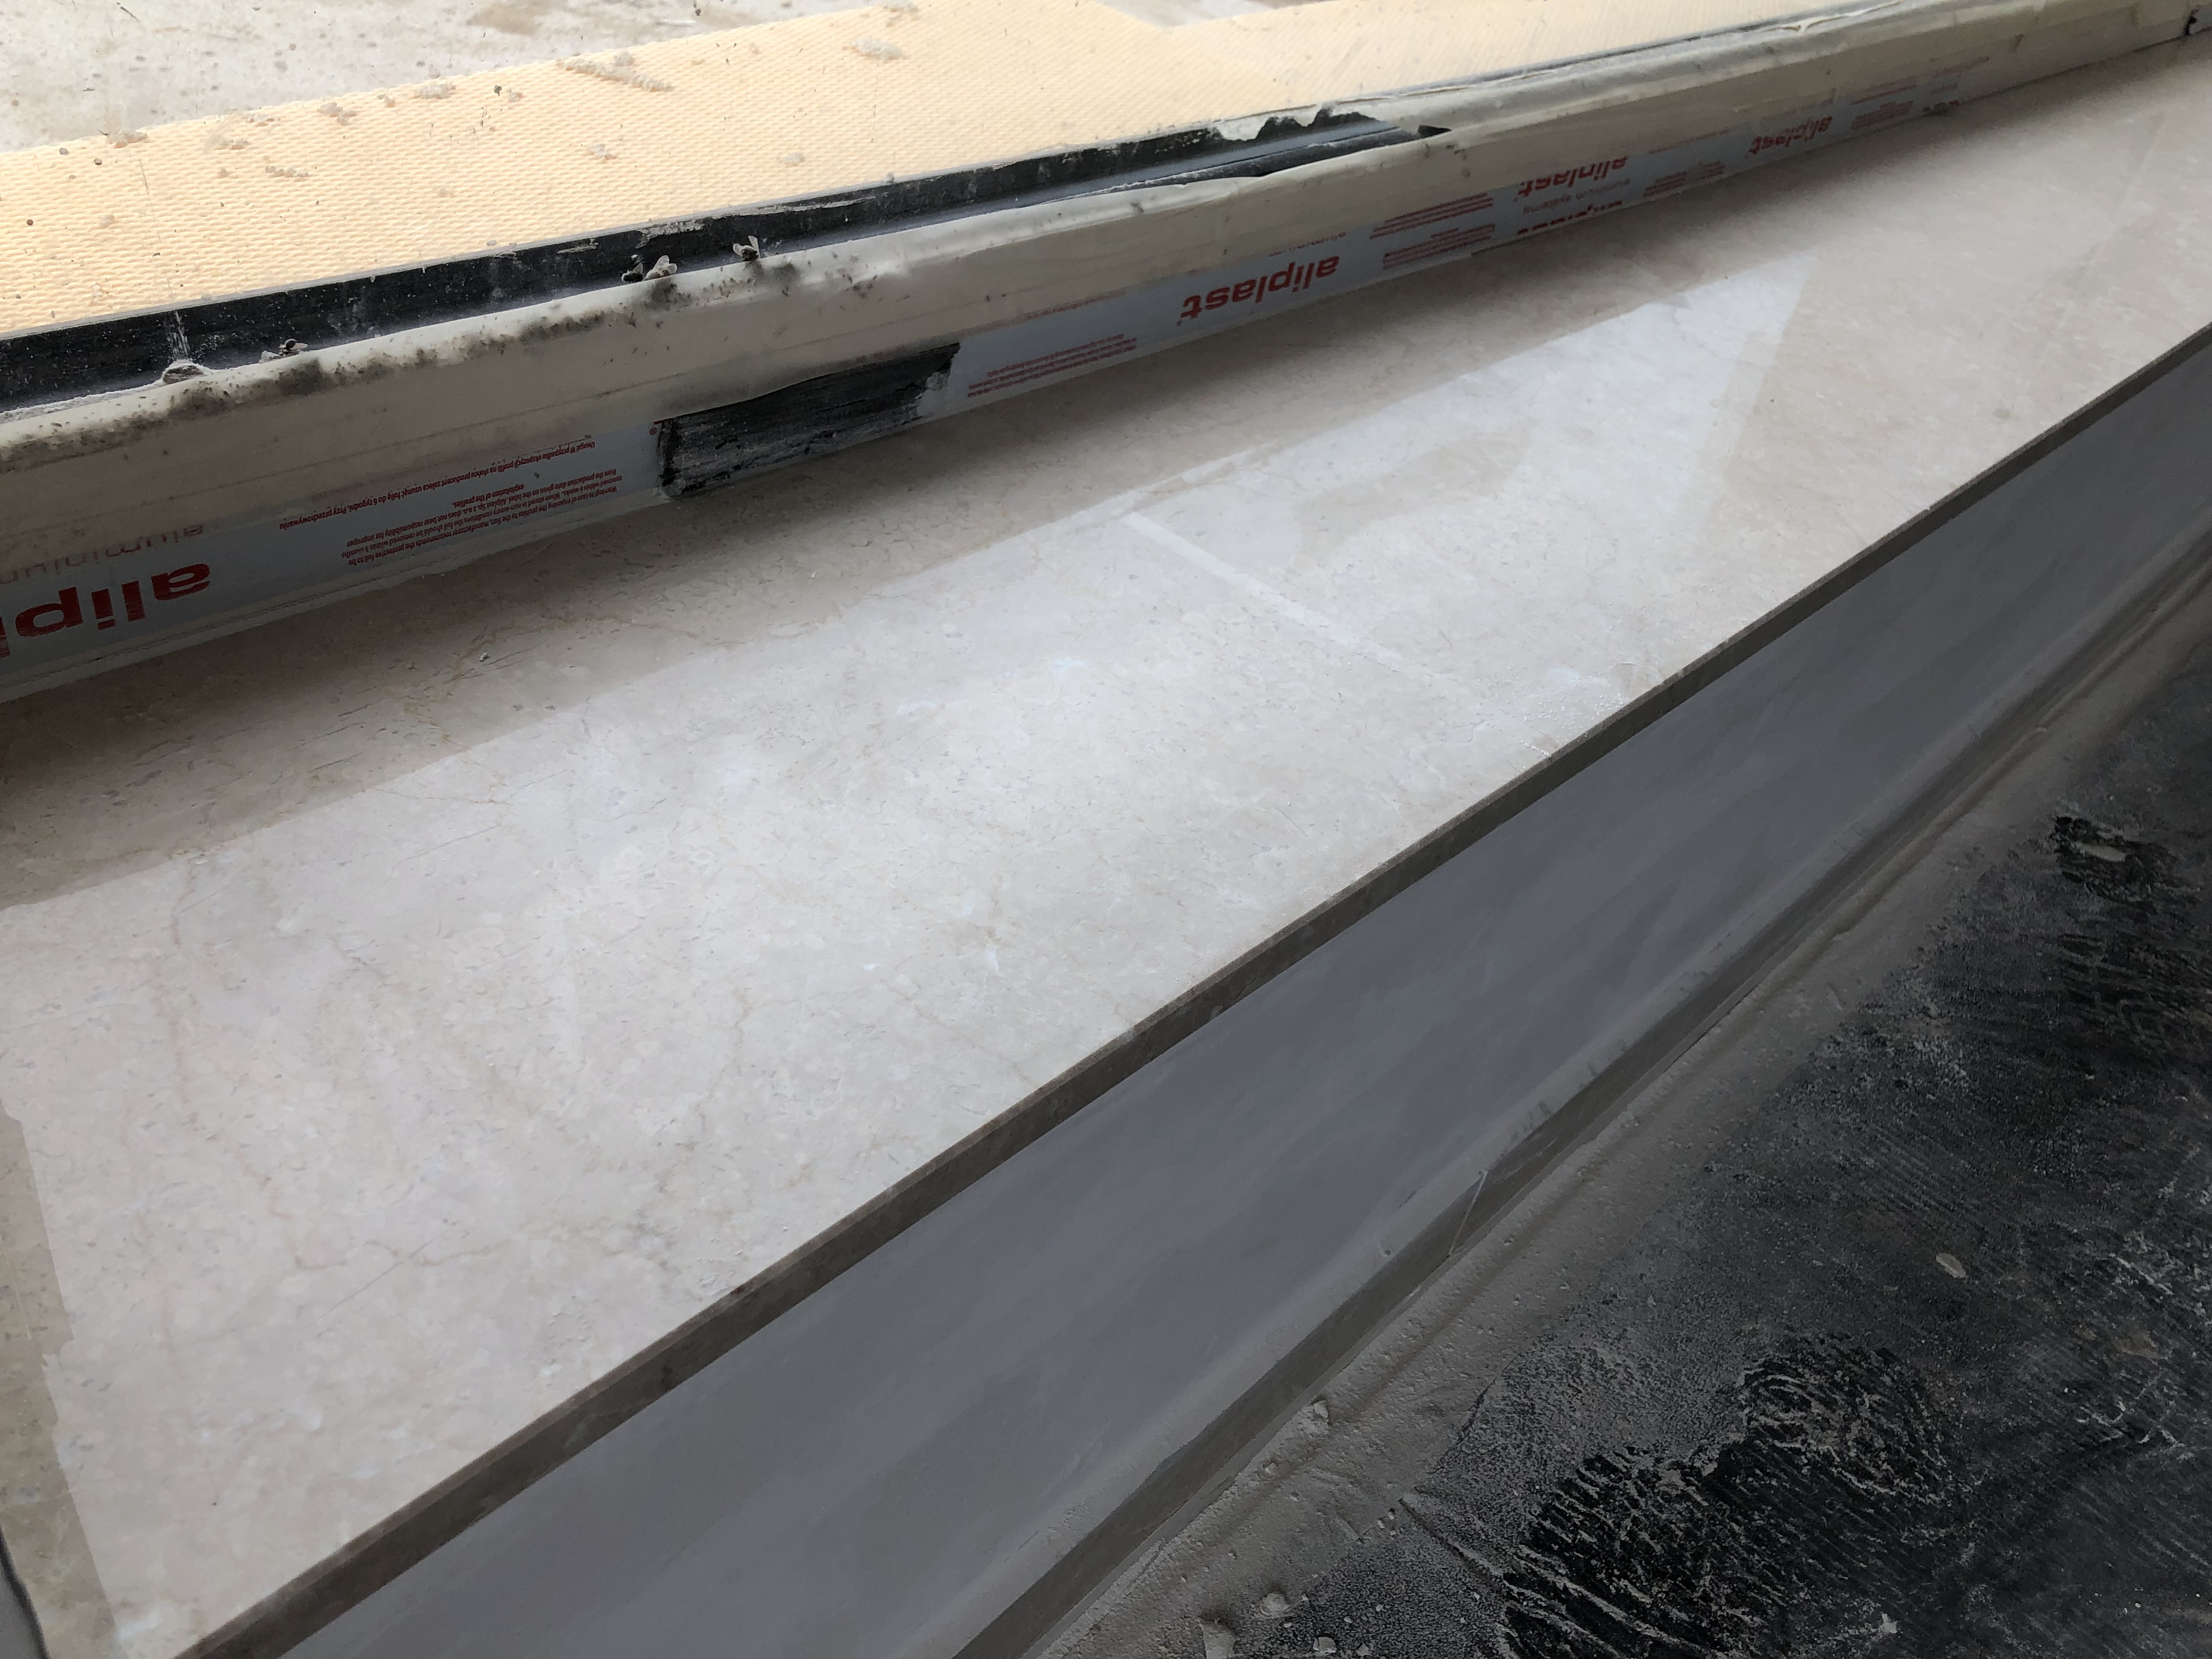 Botticino x2cm, fényes felülettel, teljes megmunkálással!